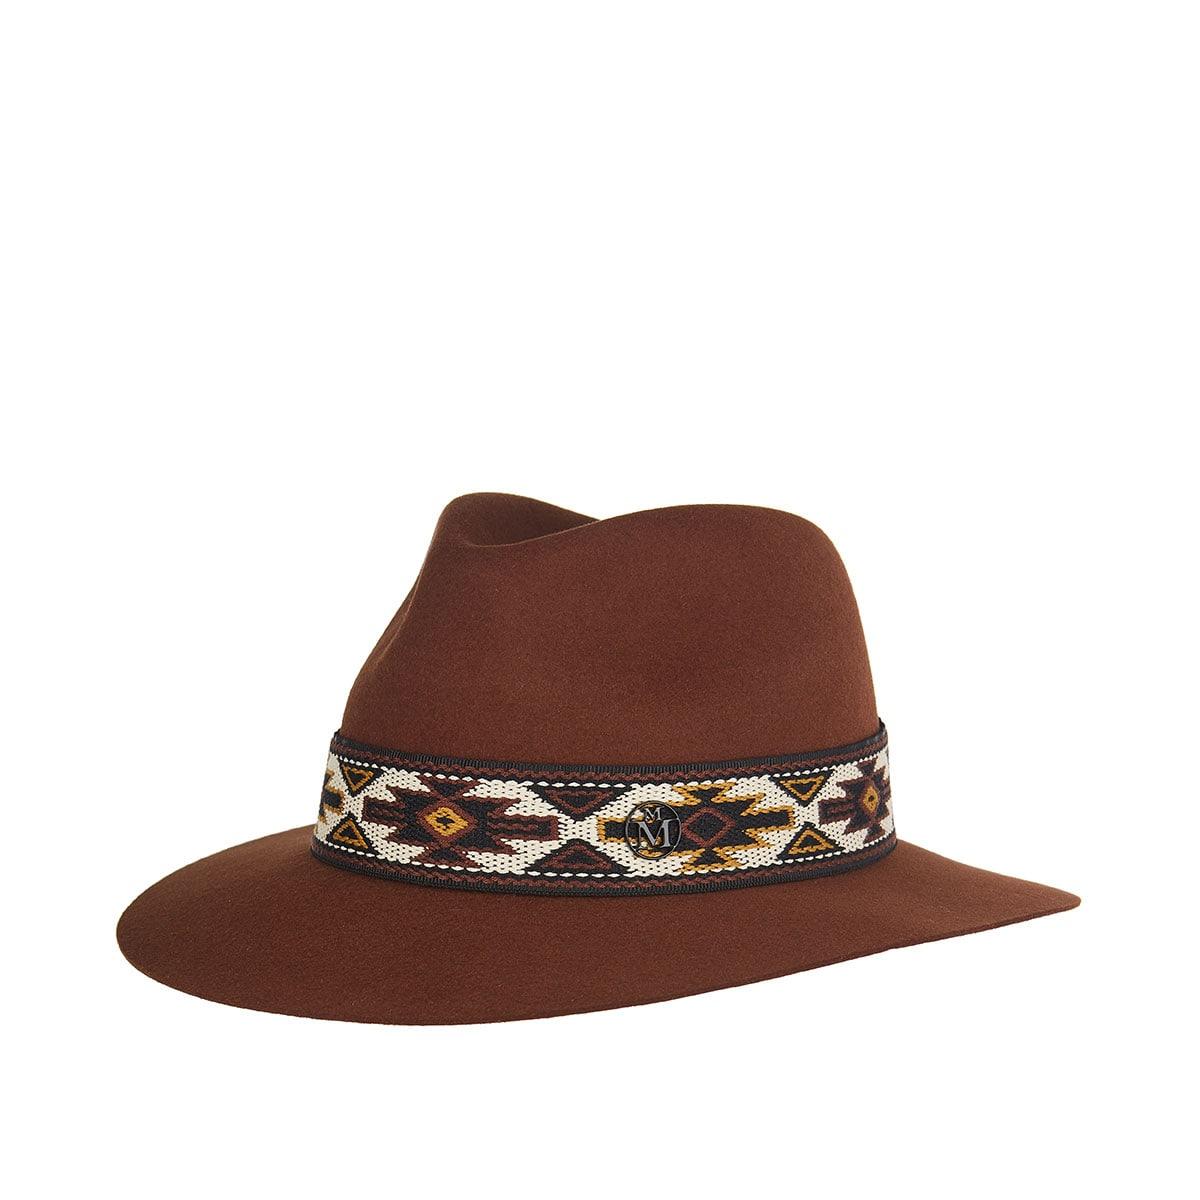 Rico ribbon-embellished fedora hat